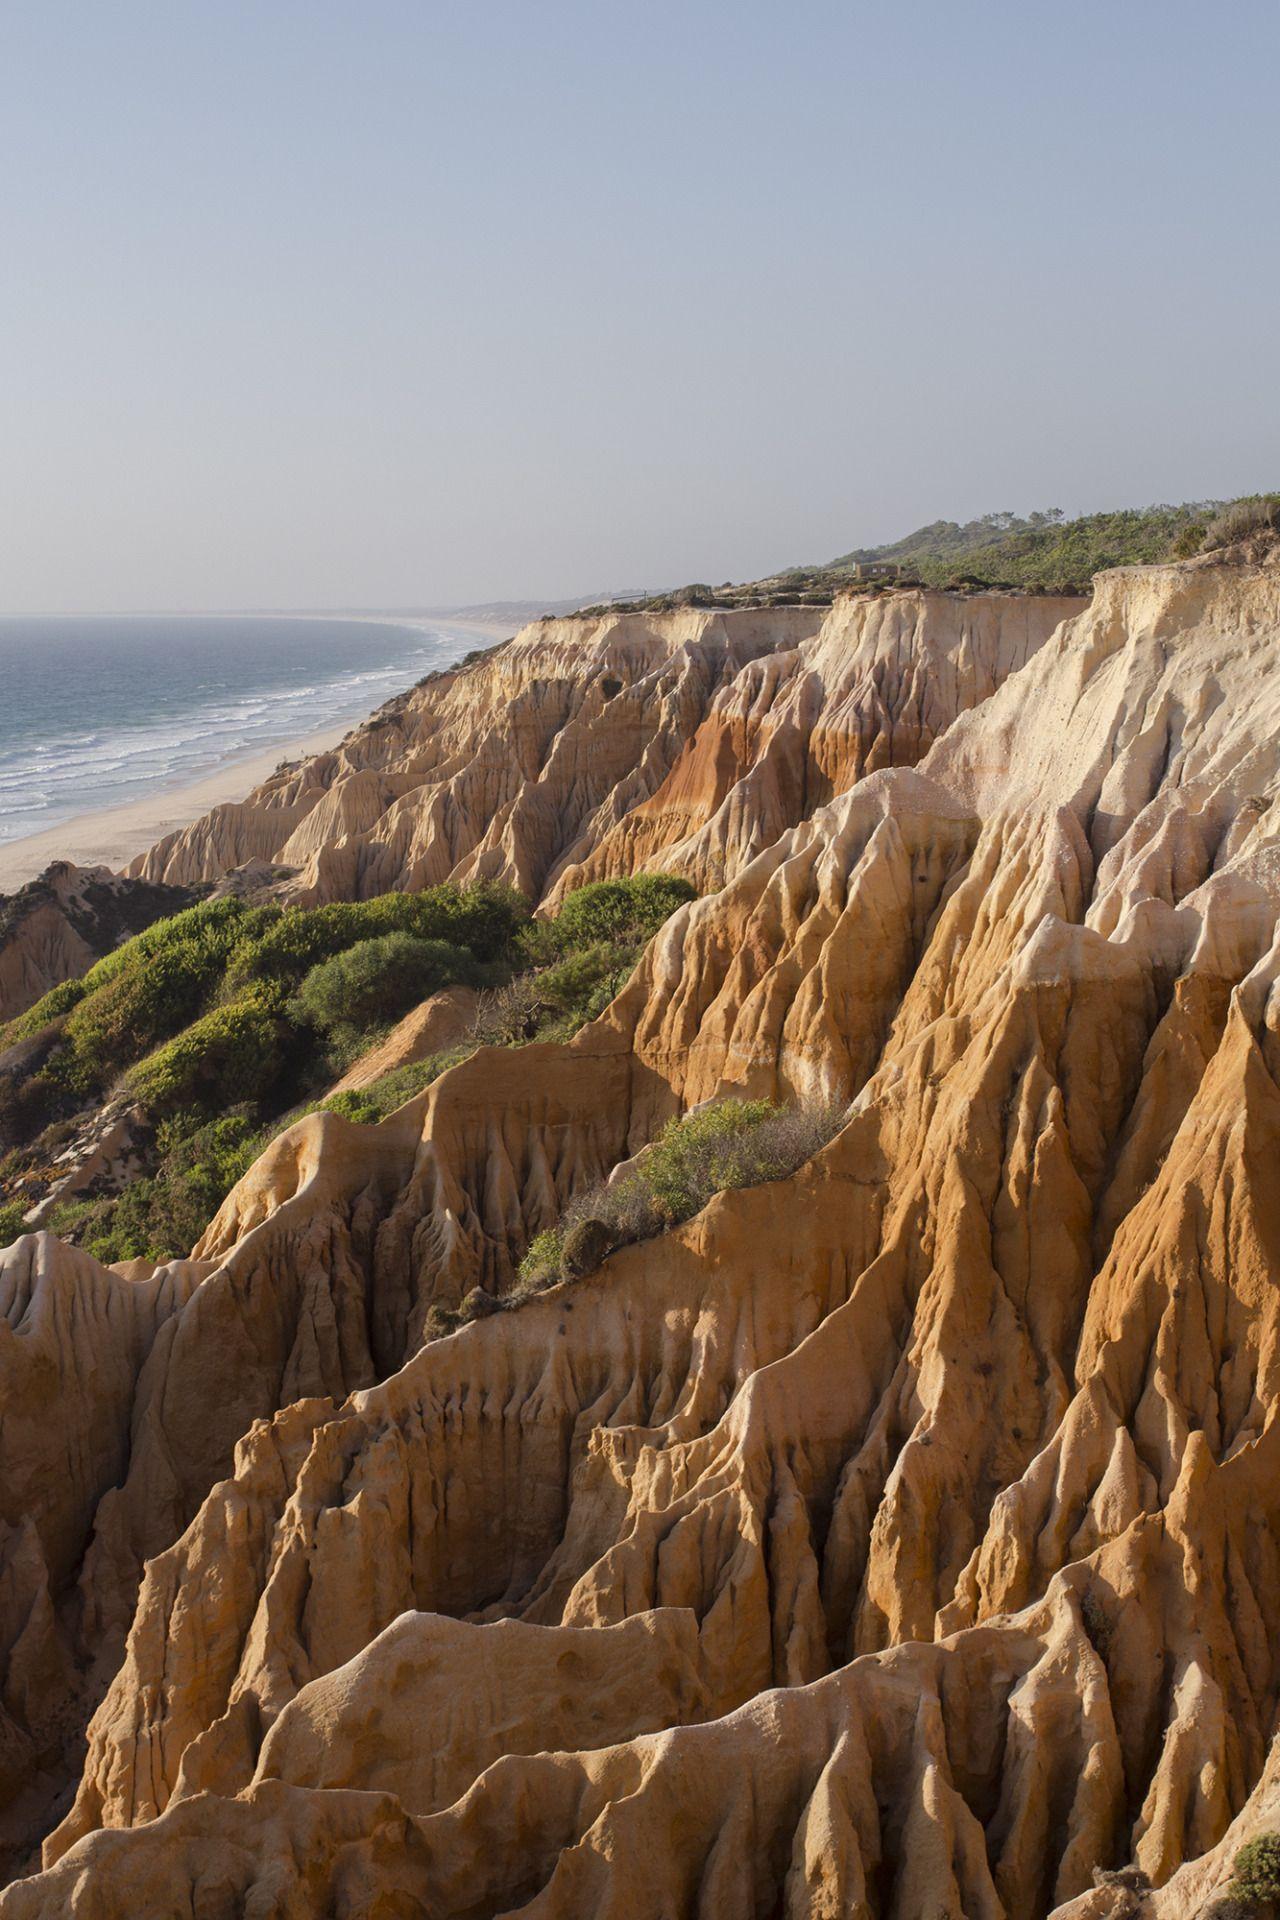 Arriba Fóssil da Costa da Caparica — 2015